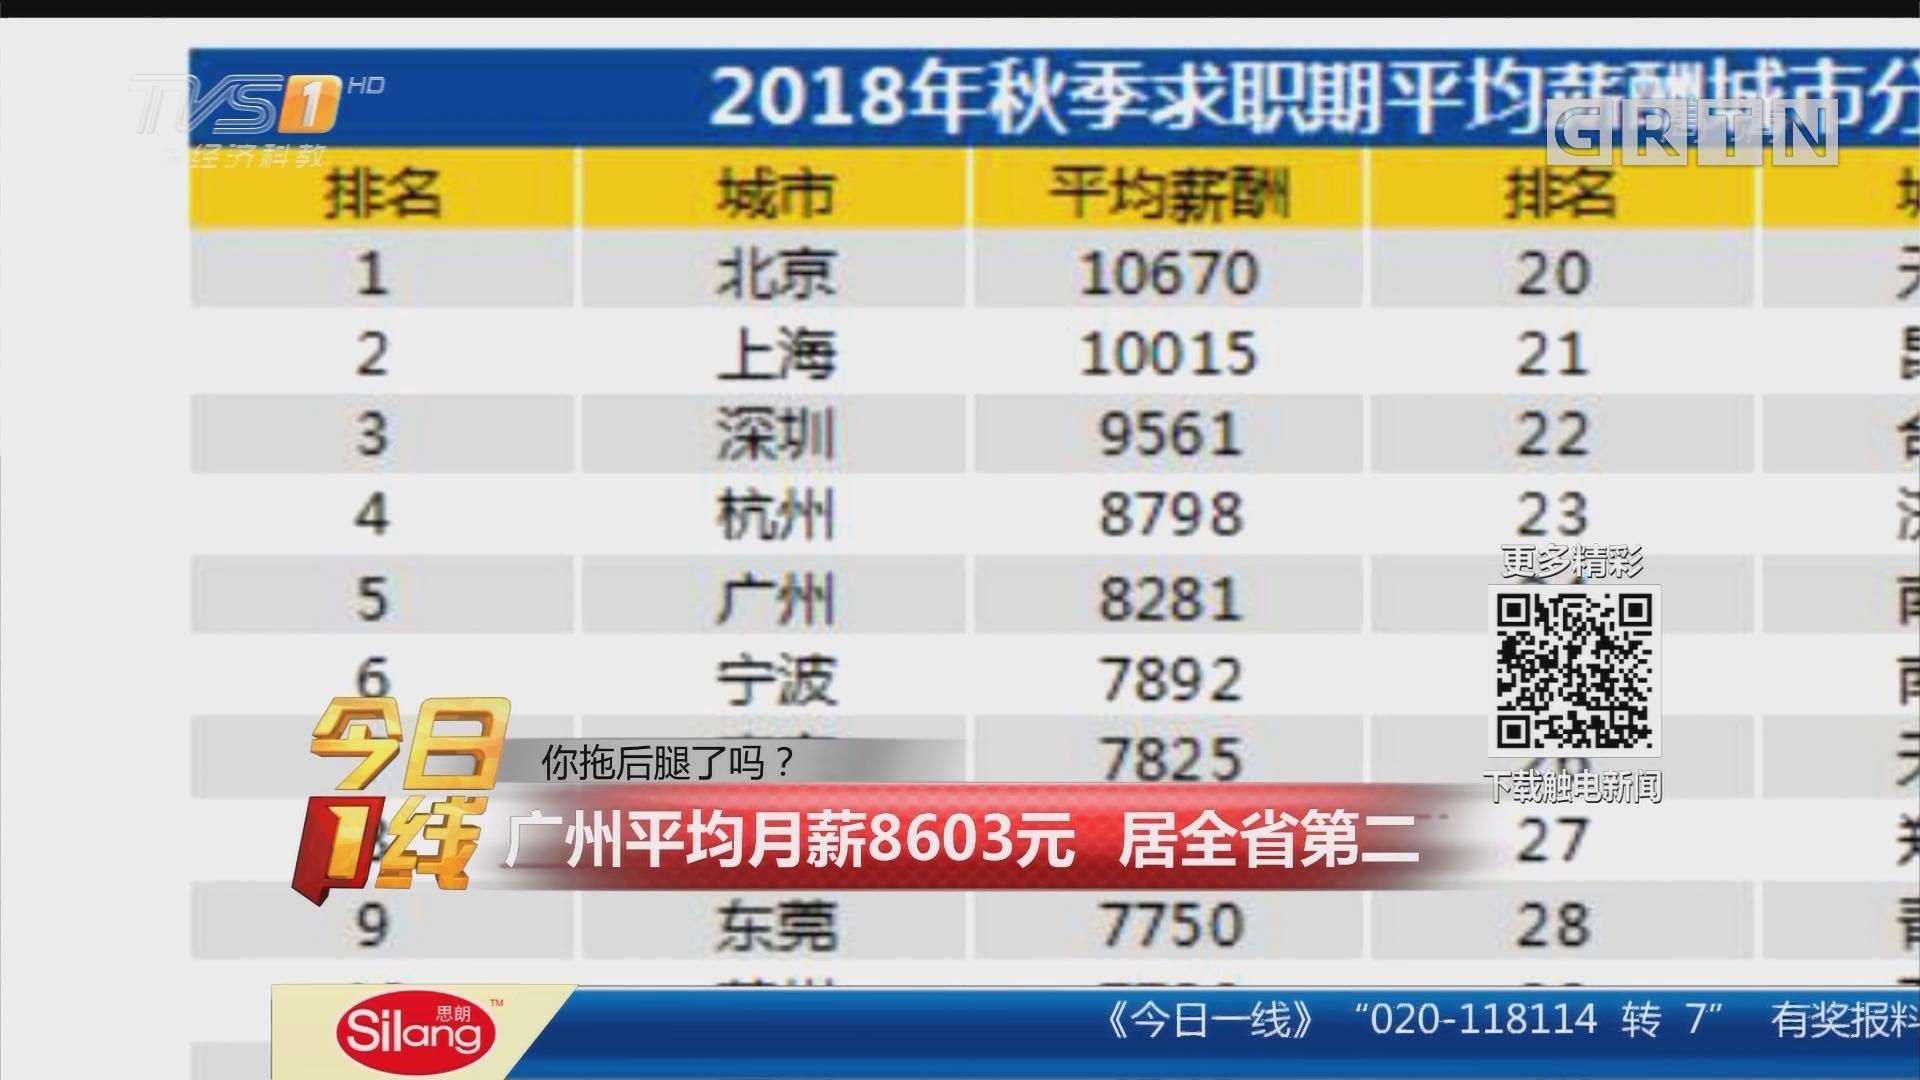 你拖后腿了吗?广州平均月薪8603元 居全省第二